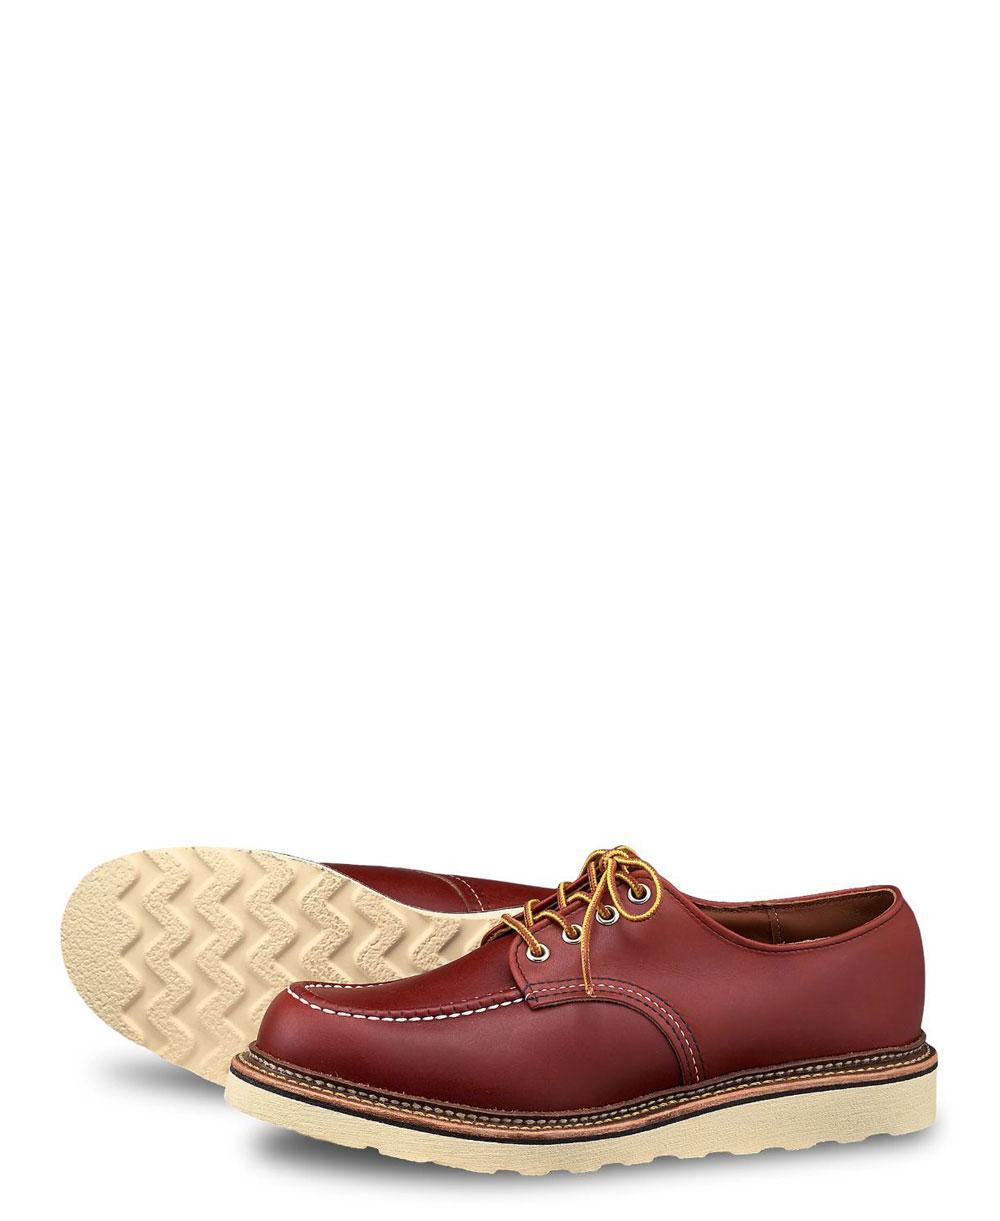 Classic Oxford Chaussures de Ville à Lacets en Cuir Homme Oro Russett